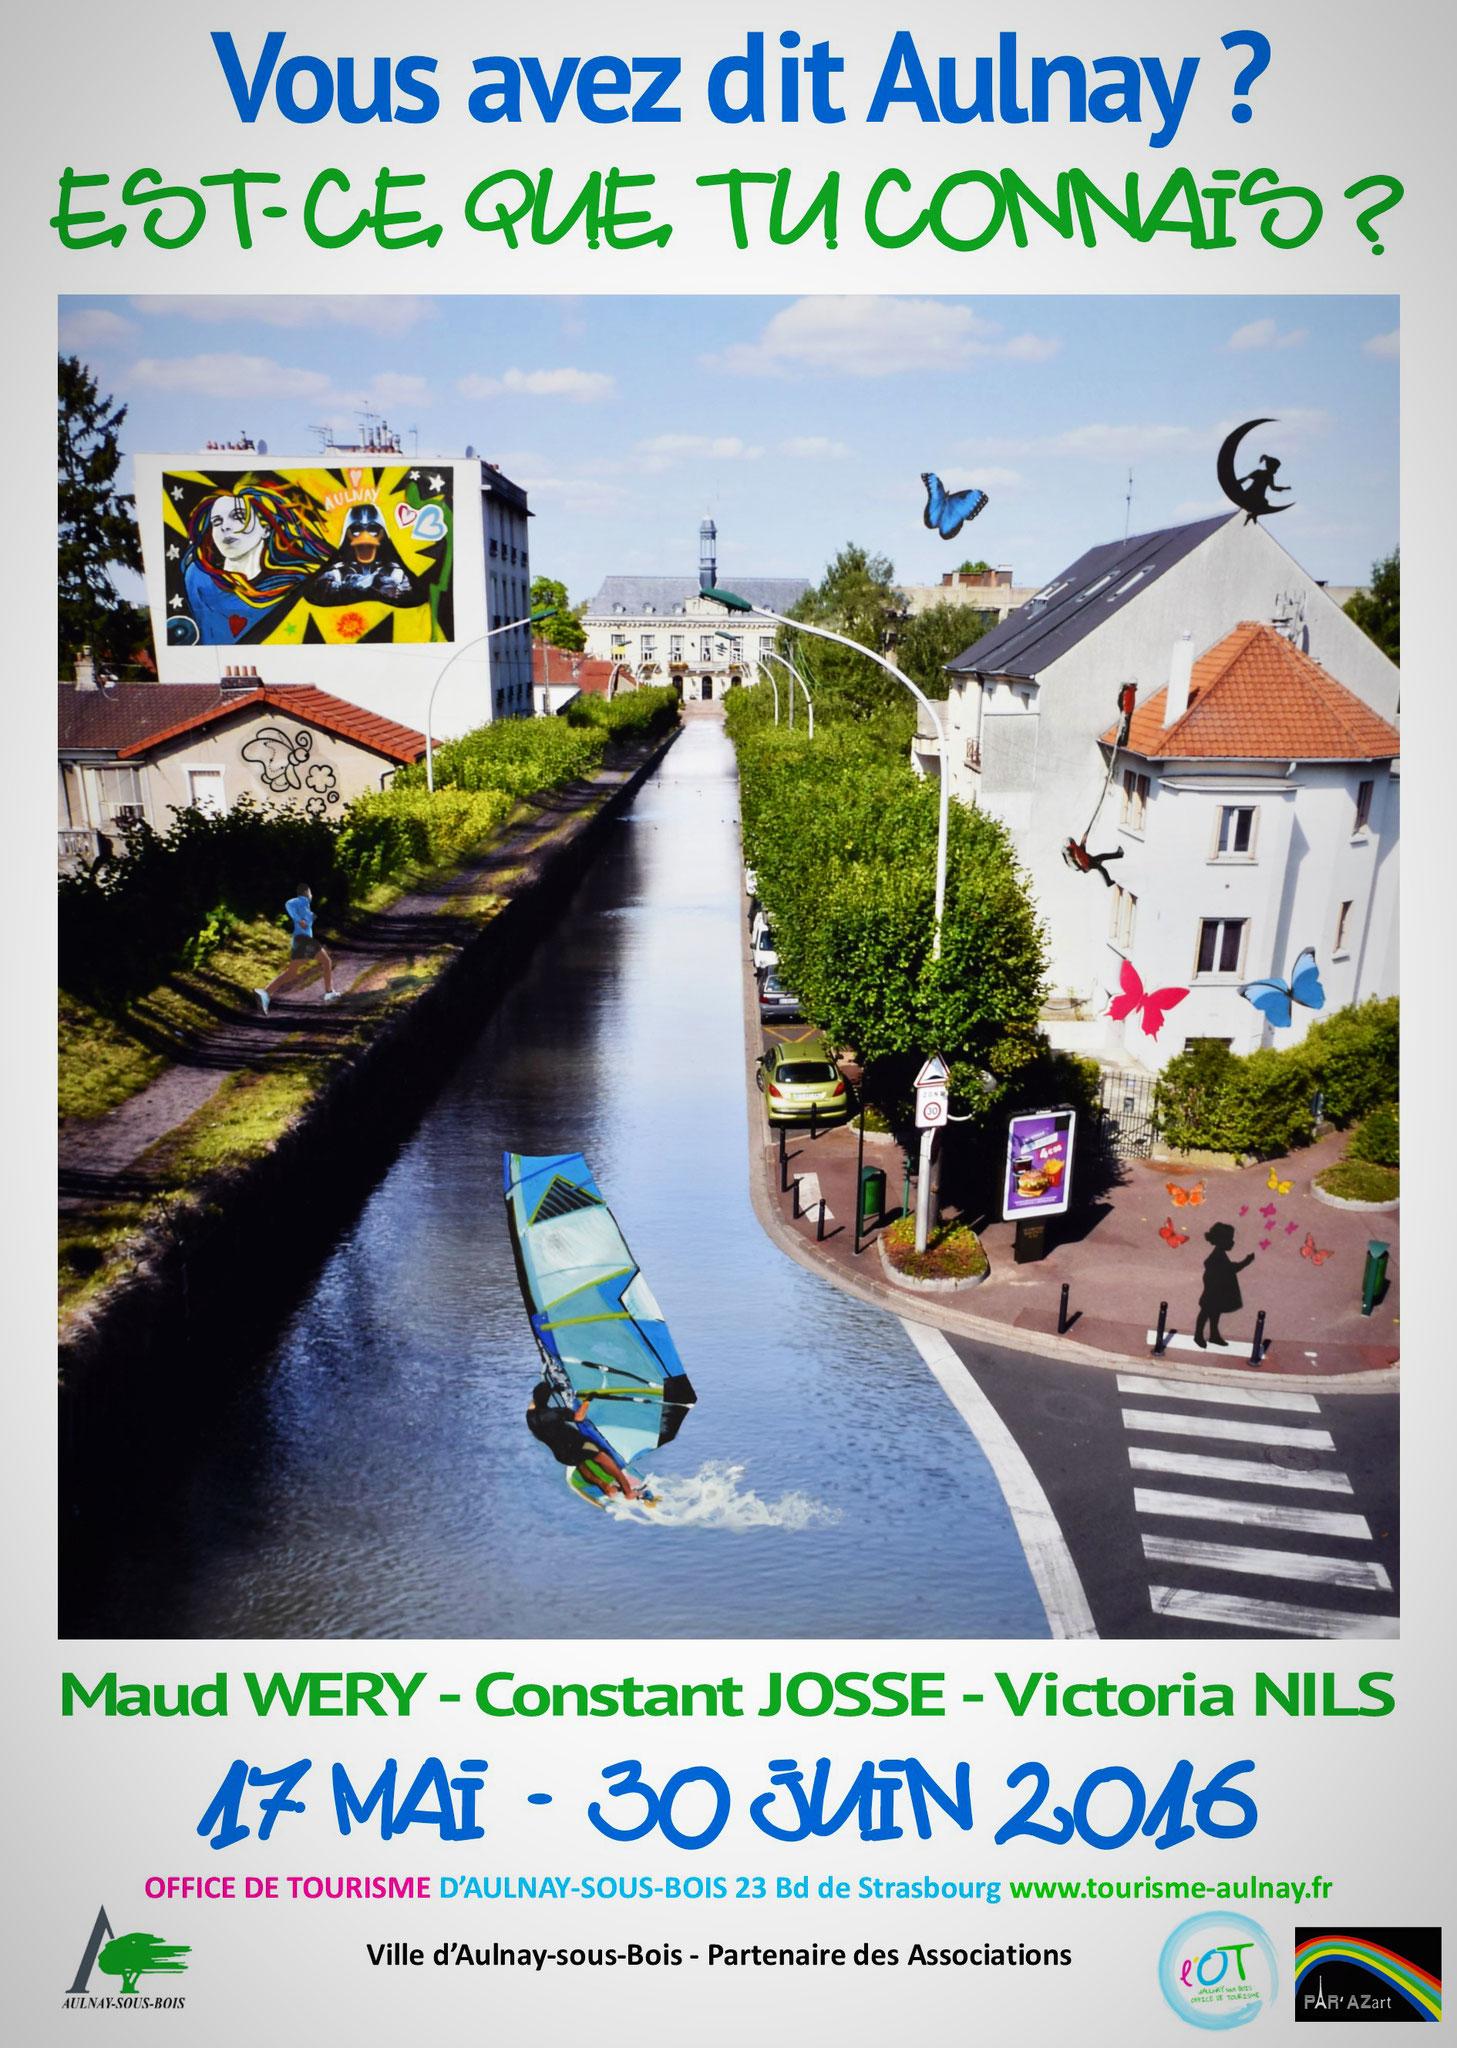 Affiche exposition Aulnay - Travail en commun : Constant, Victoria et Maud